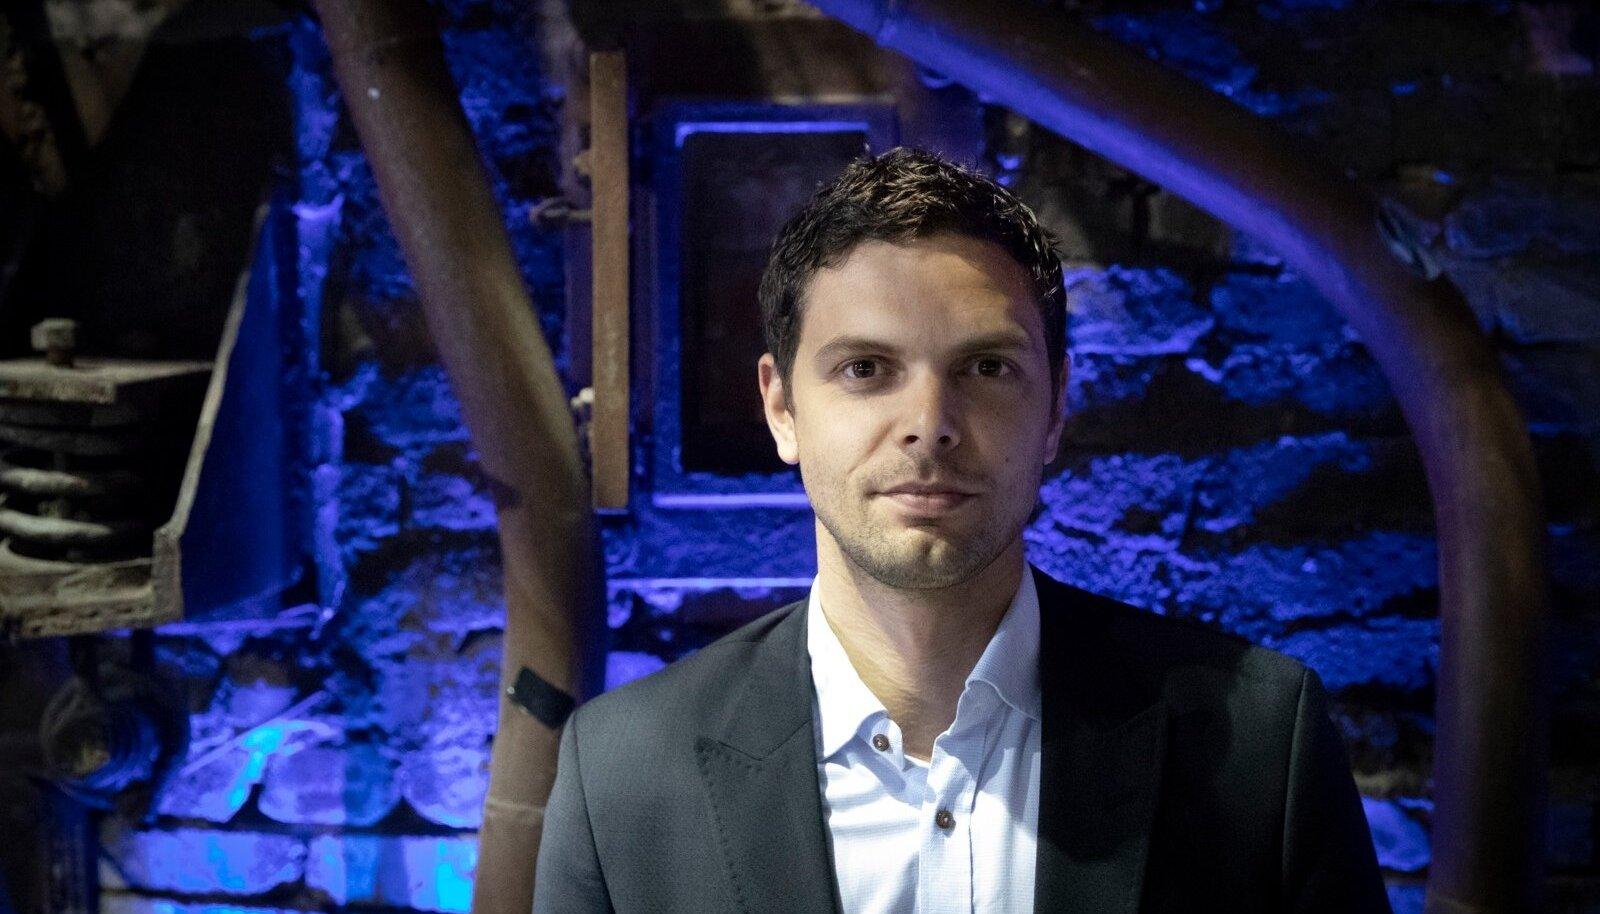 TARK MEES ARVUTIS: Tehisintellektispetsialist Peter Sarlin arendab ettevõtetele digikratti, kes teeks inimese eest ära tüütu töö.